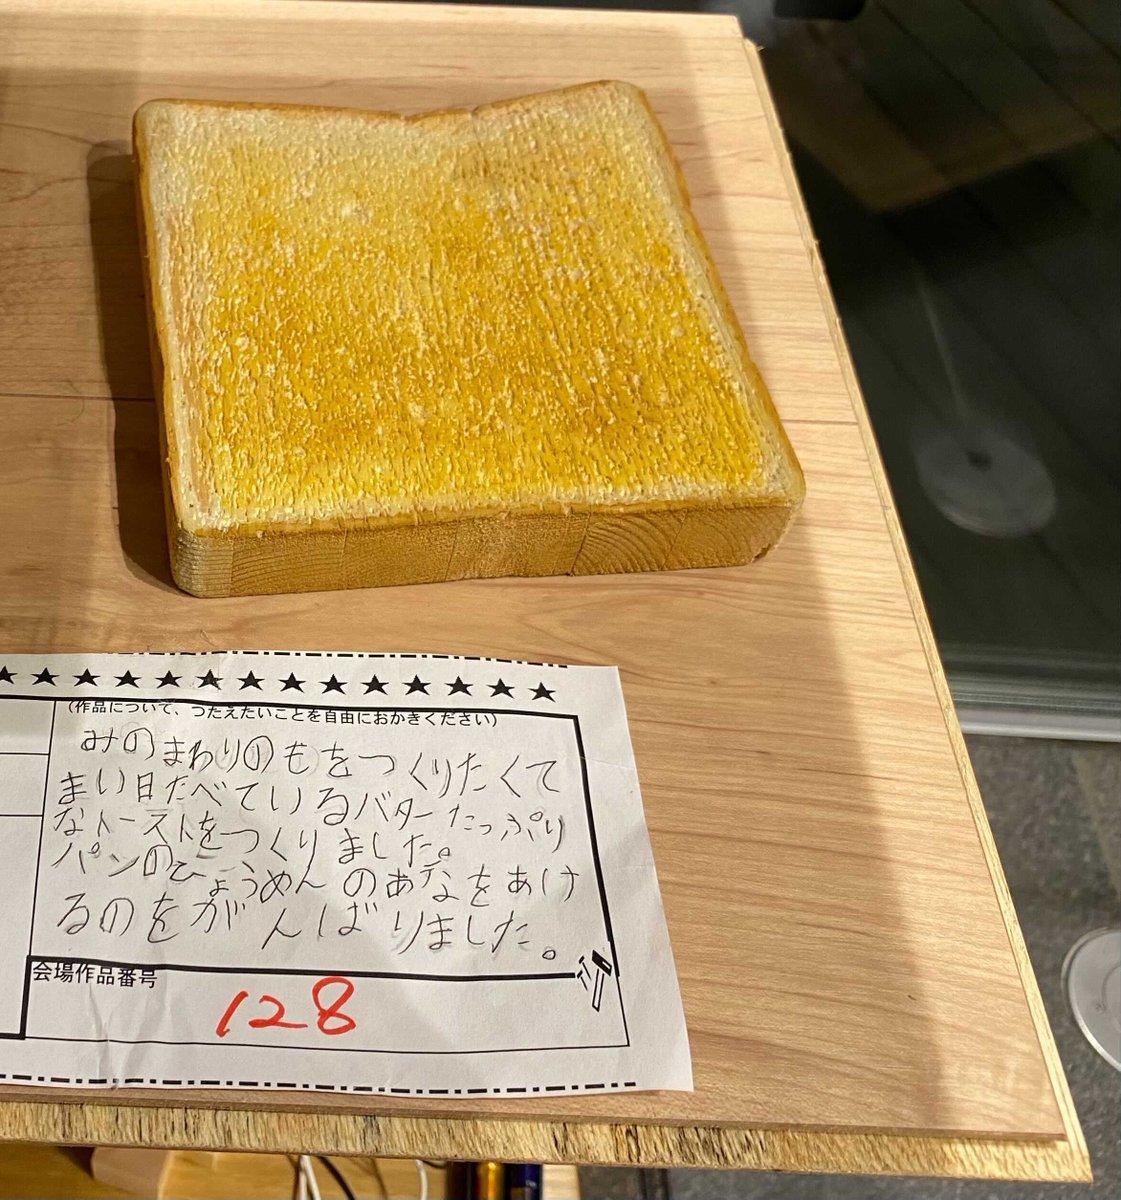 作品名はバターしみしみパン!子供が作った木工作品がリアルすぎる!